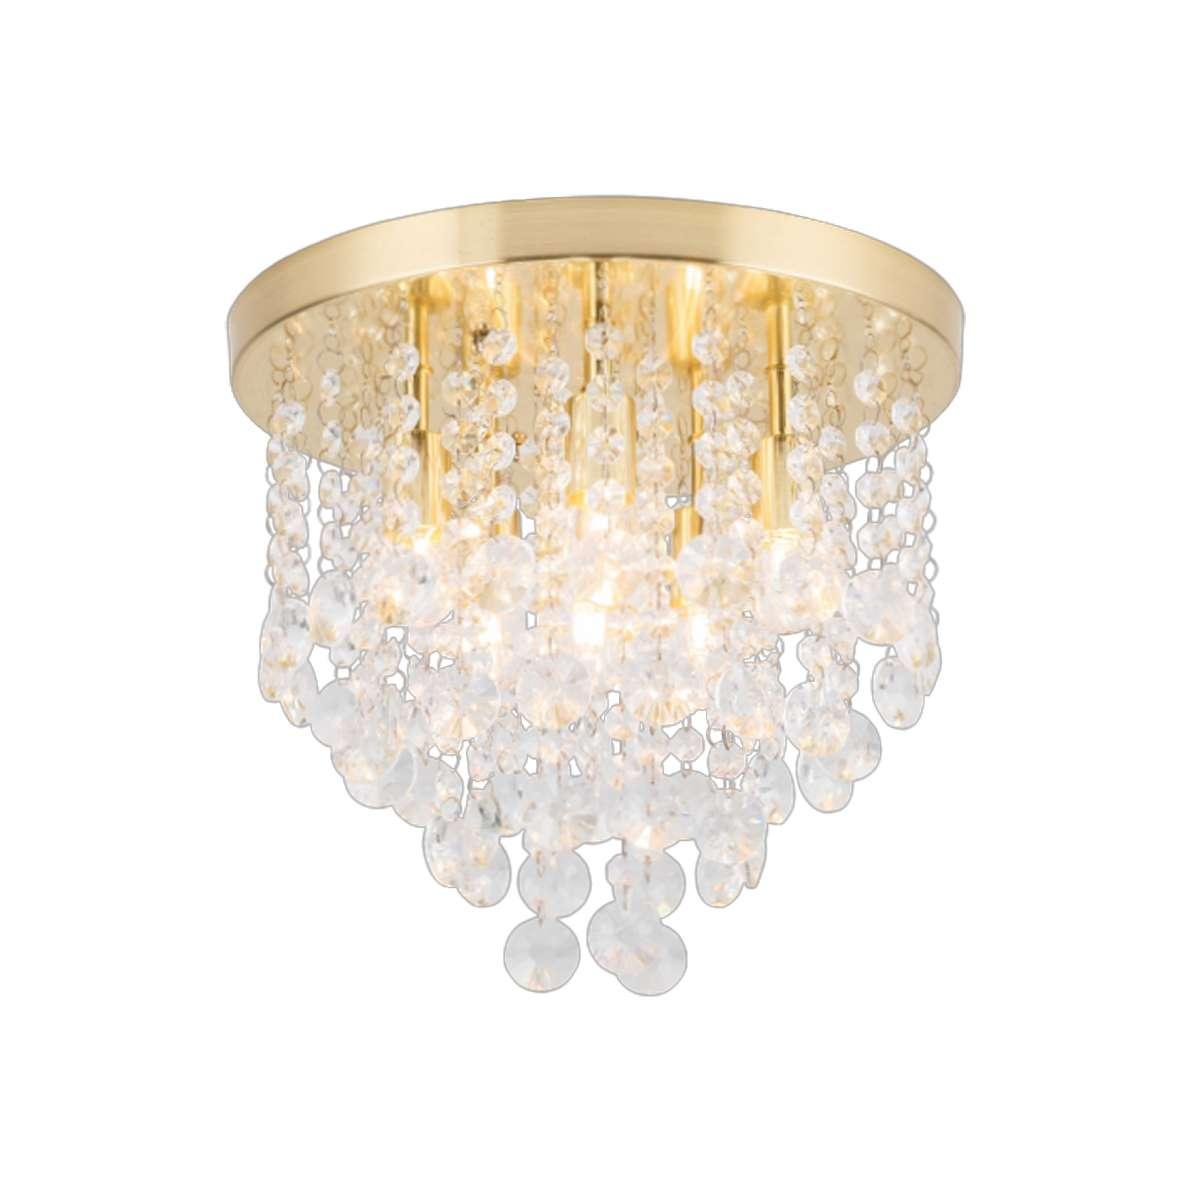 Celeste 6 Light Flush Fitting in Brass